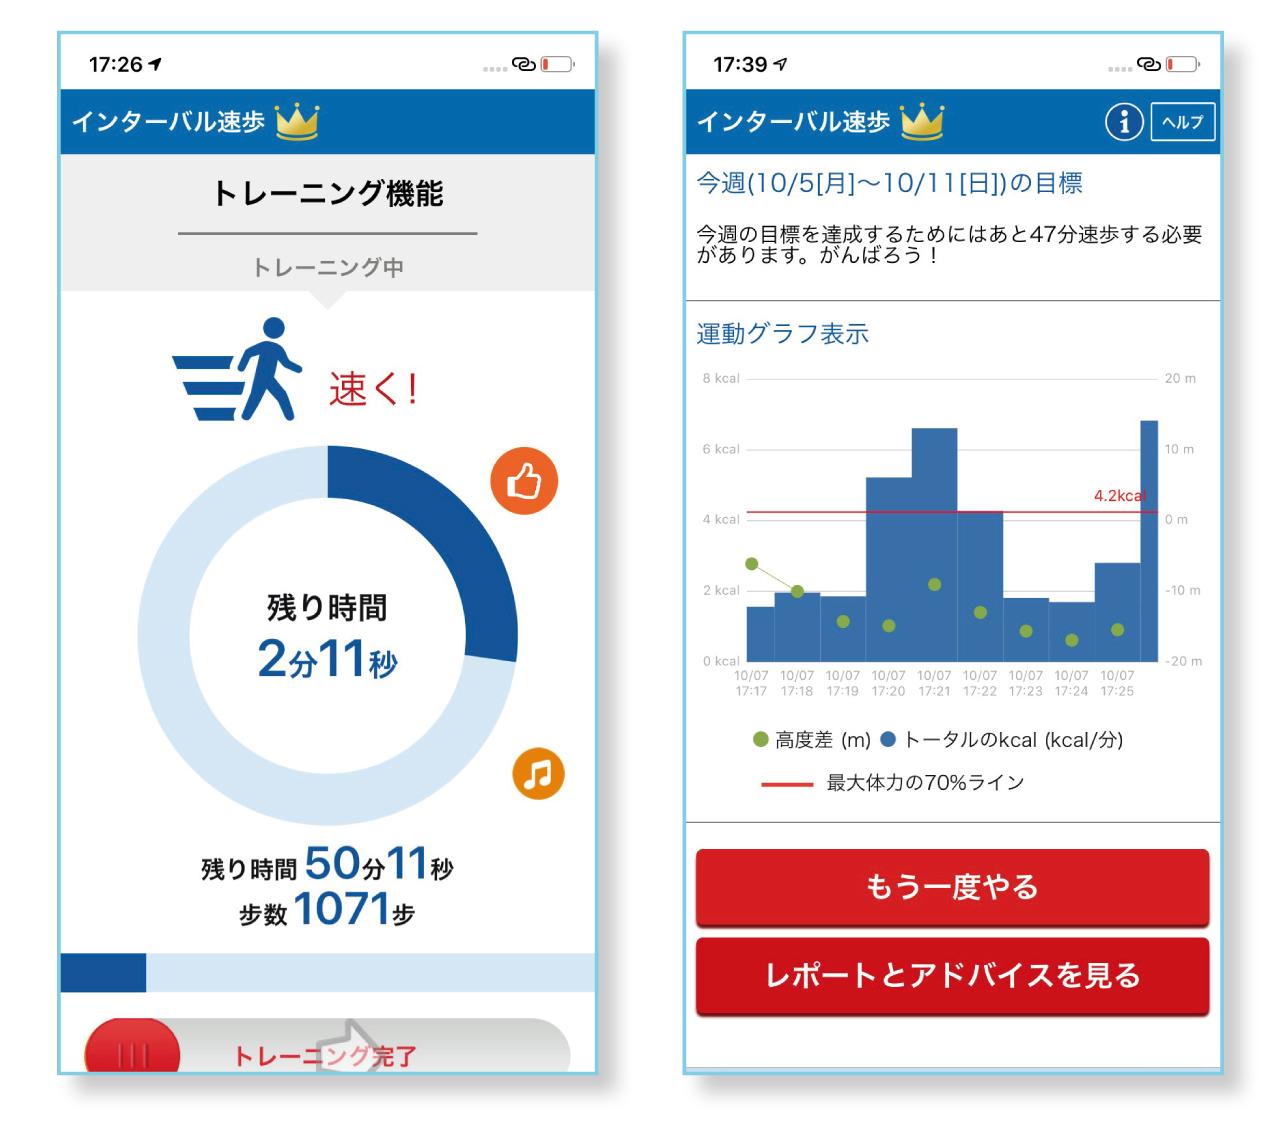 インターバル速歩のアプリ